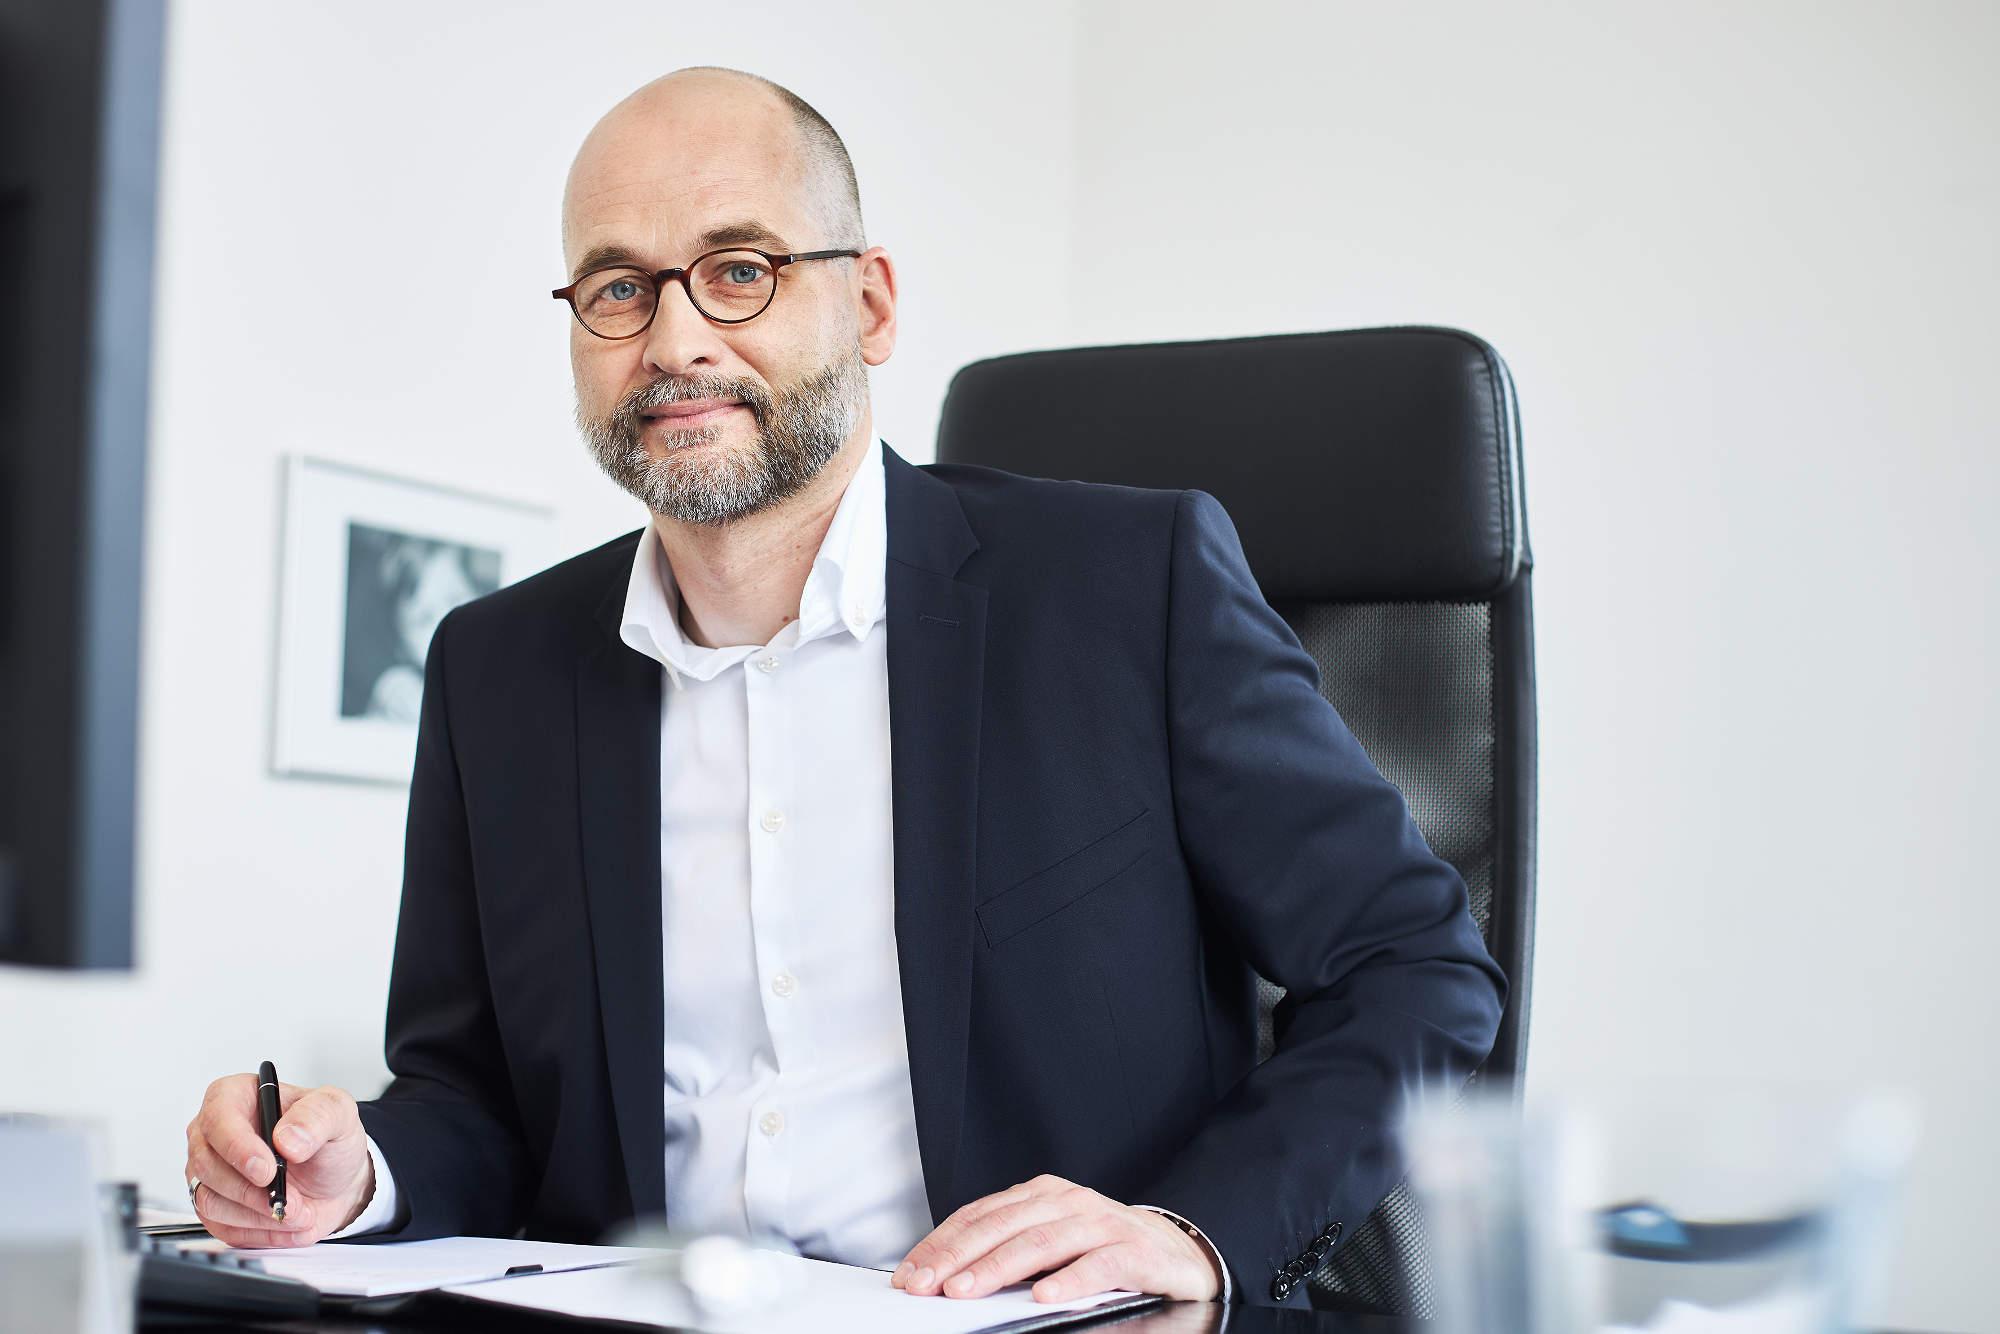 PorträtDr. Jörg Wernery, Fachanwalt für Arbeitsrecht in Aachen